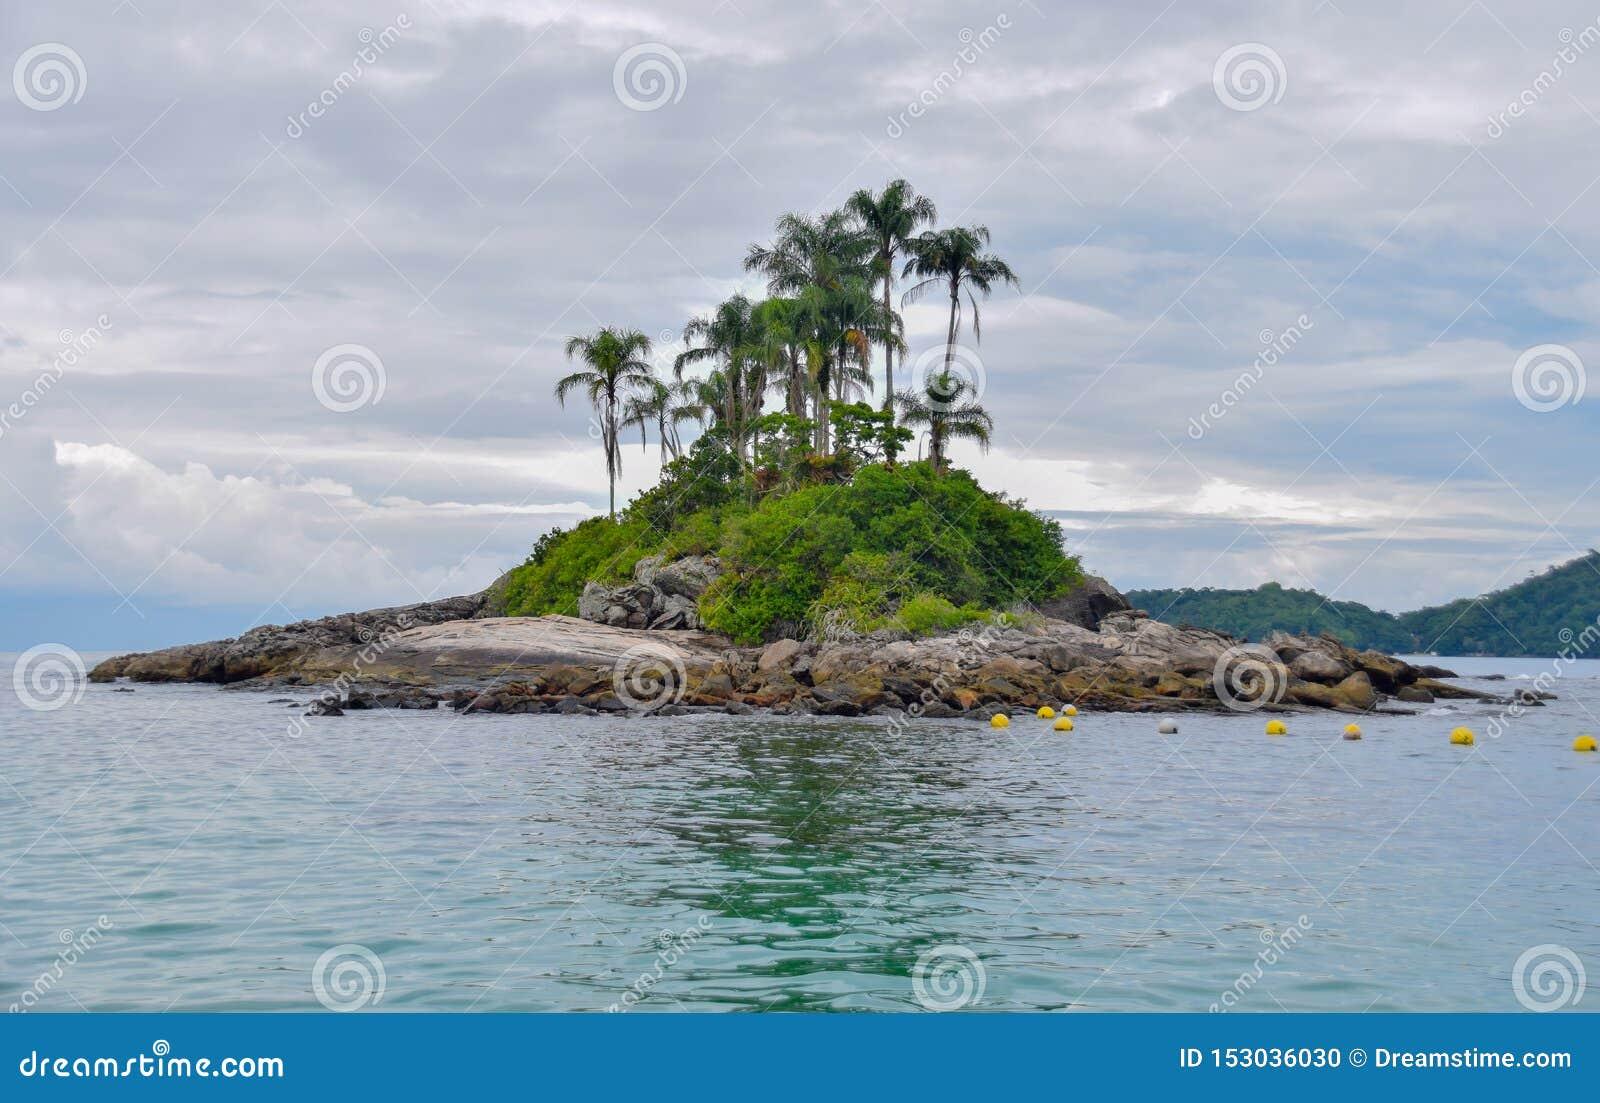 Eenzaam tropisch eiland in de oceaan met rotsen en palmen